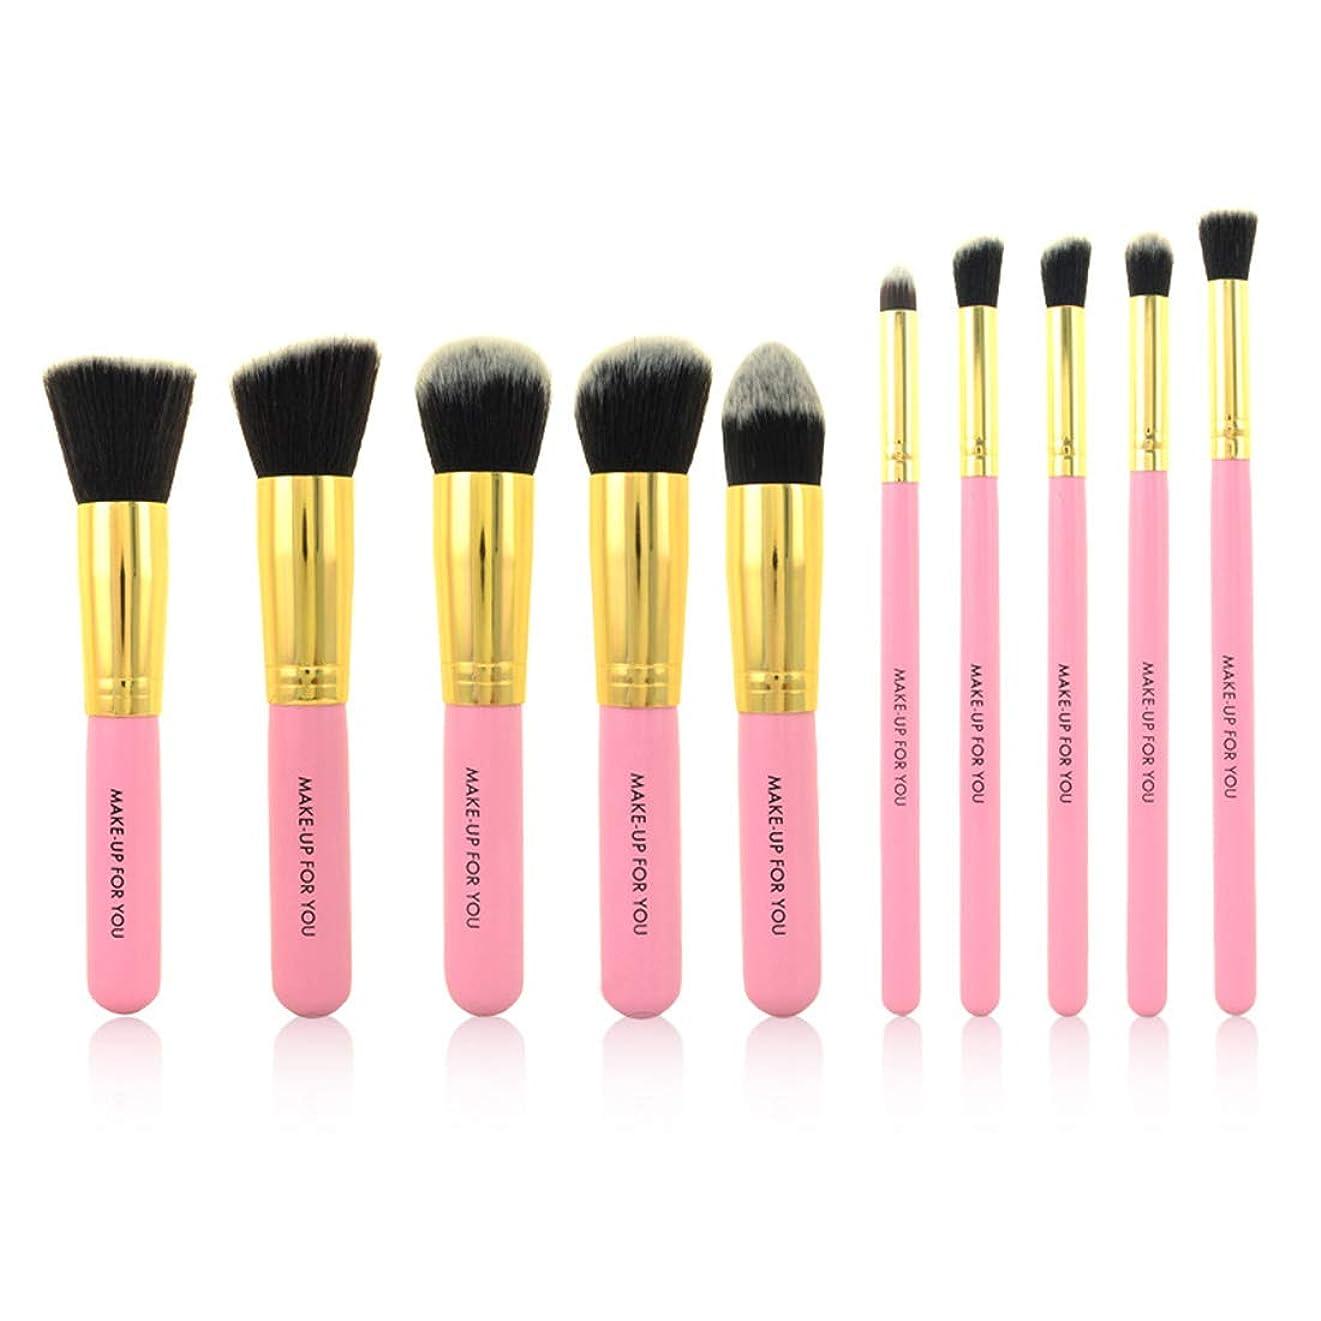 神話チョップ六メイクアップブラシ 1つの繊維の化粧品のブラシに付き化粧ブラシセット用具の化粧品の洗面用品のキット繊維の化粧品のブラシ10 (色 : ピンク)